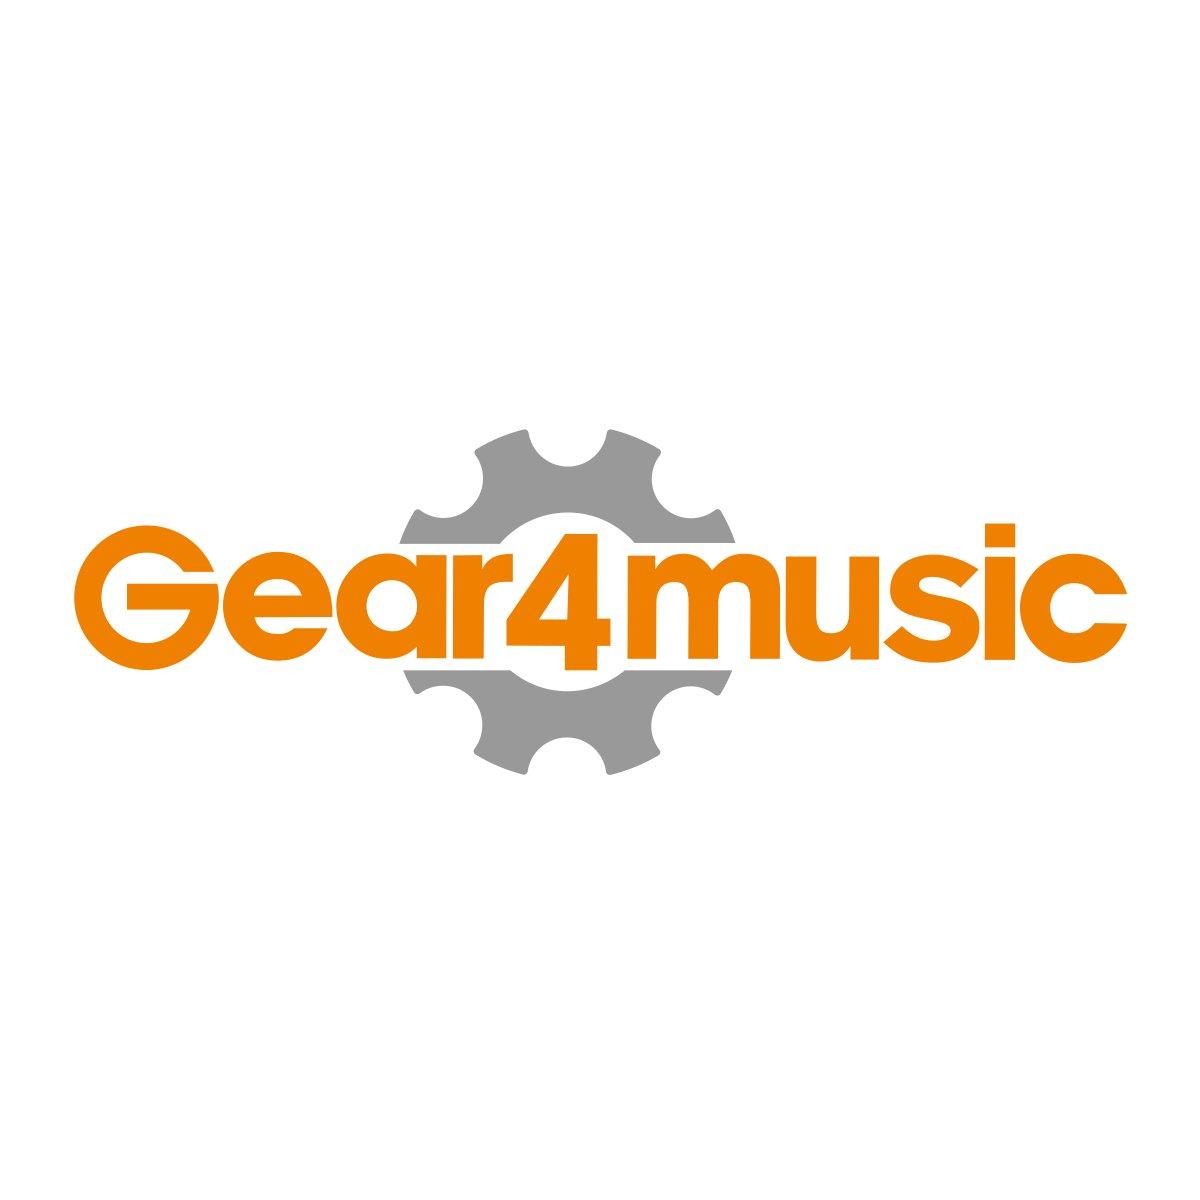 Sefour X90 Digital DJ Stand | Gear4music